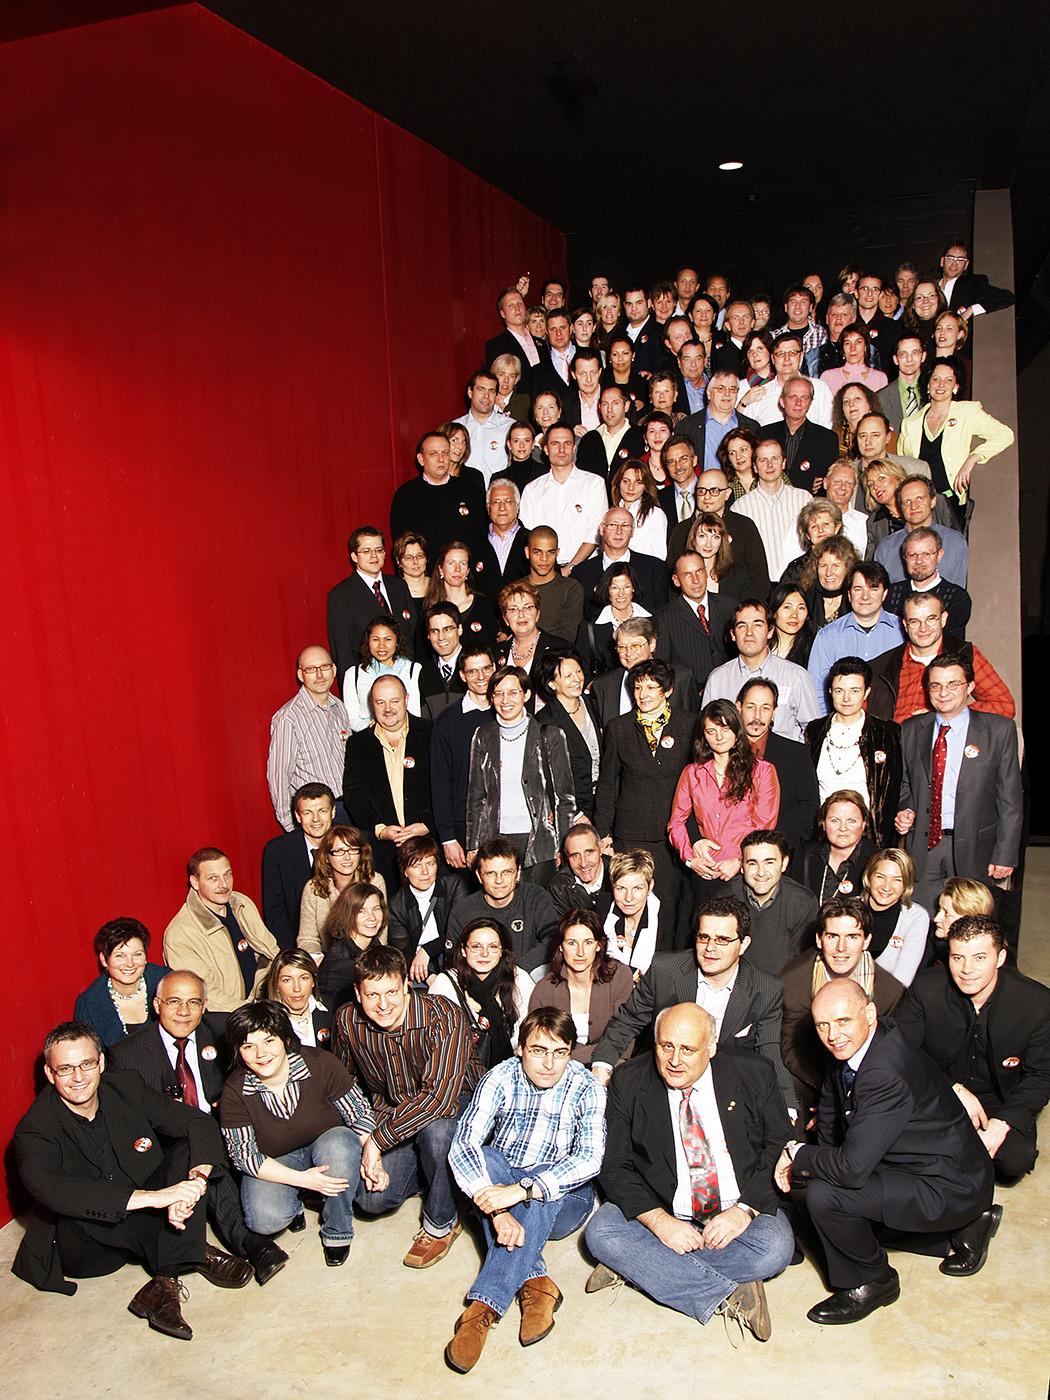 Gruppenfoto anlässlich Firmenanlass im Theater11